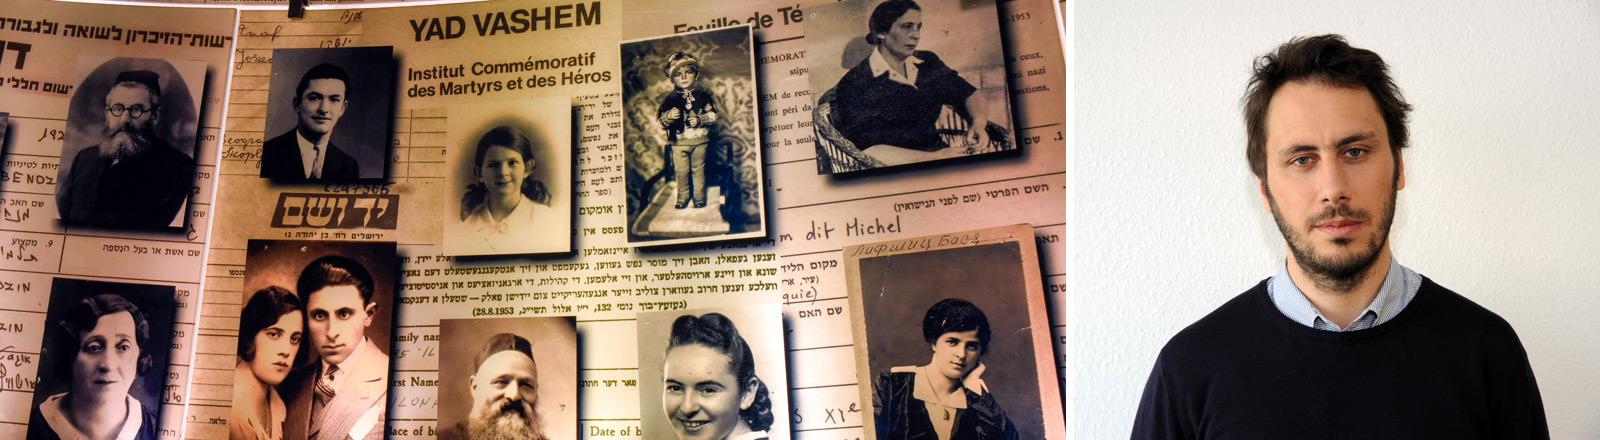 Yad Vashem - zentrale jüdische Holocaust-Gedenkstätte in Israel und ein Porträt des Journalisten Marco Maurer.